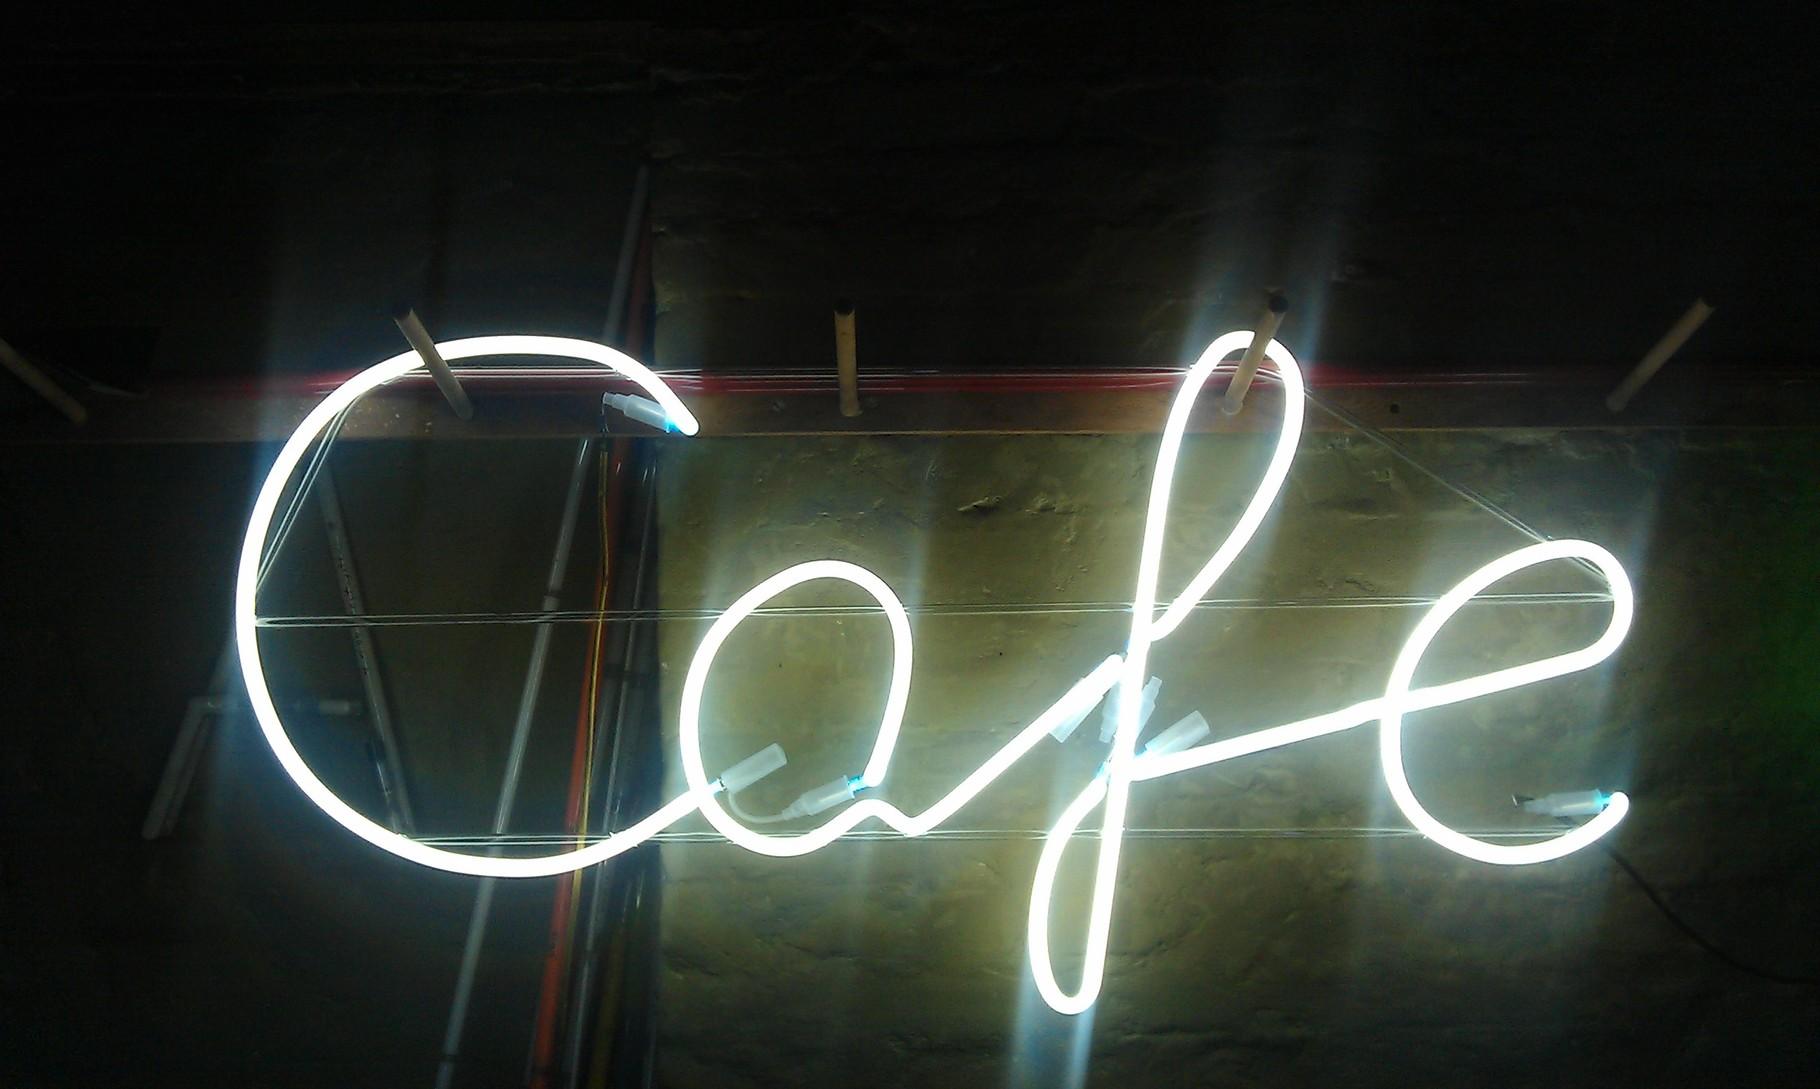 """Neonschrift """"Café"""" aus Berlin // Neon Joecks Berlin"""